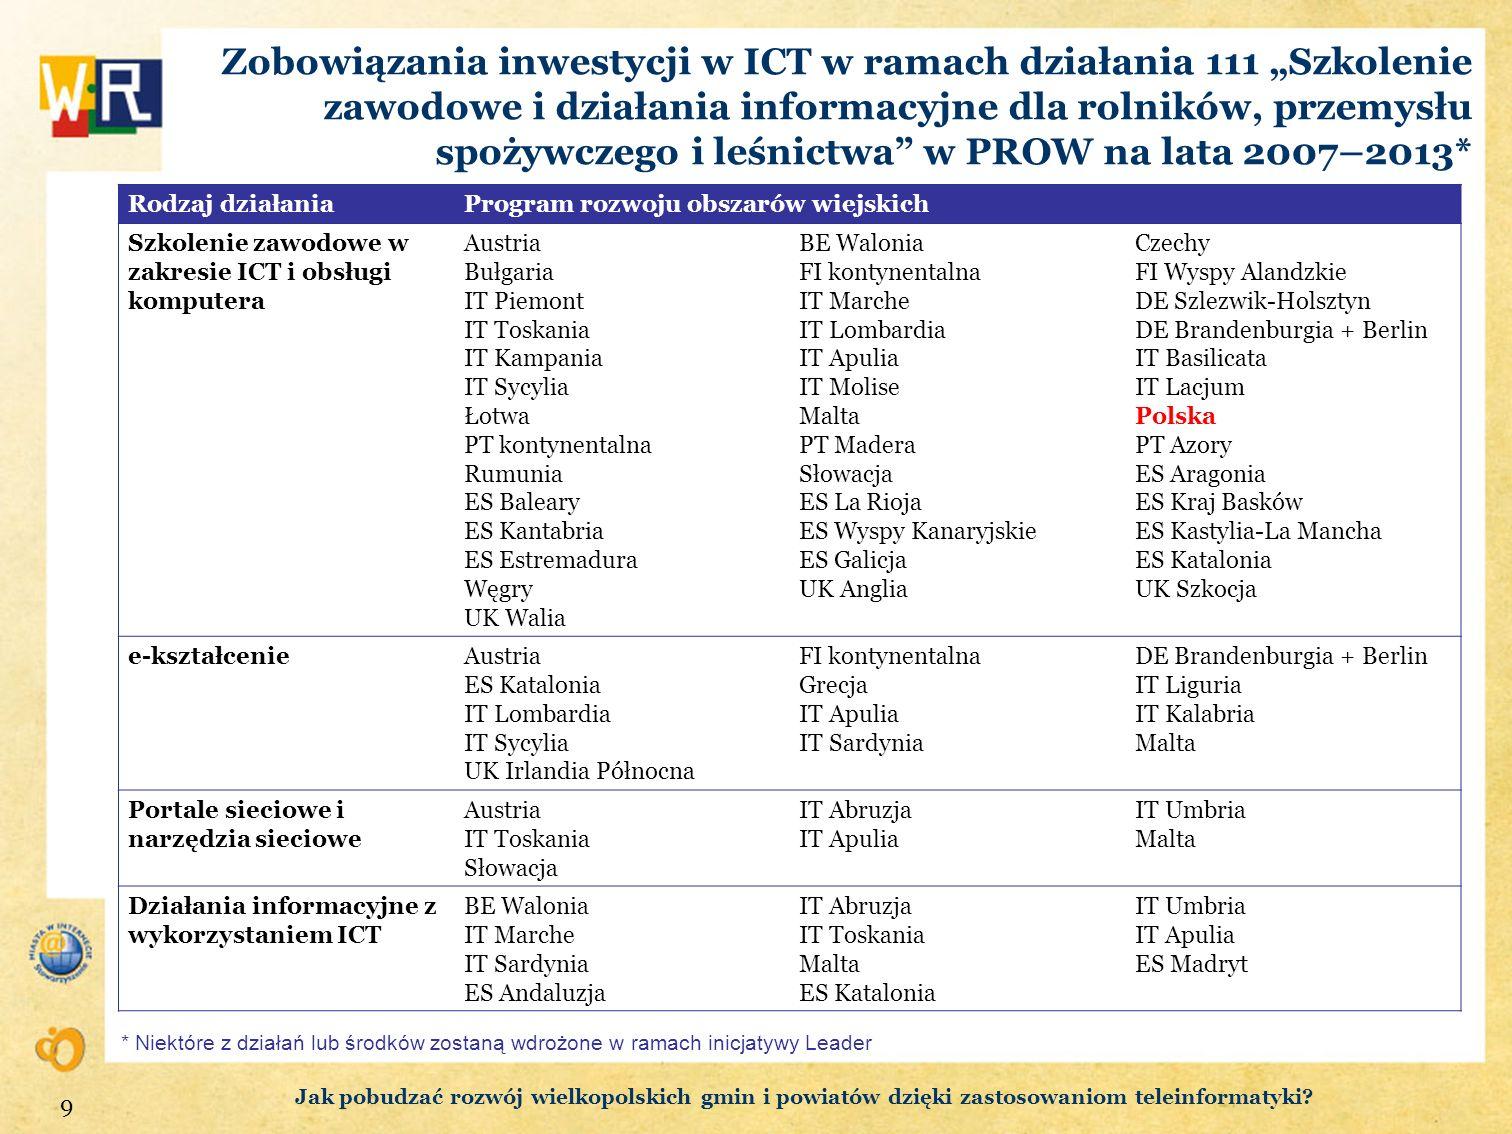 """Zobowiązania inwestycji w ICT w ramach działania 111 """"Szkolenie zawodowe i działania informacyjne dla rolników, przemysłu spożywczego i leśnictwa w PROW na lata 2007–2013*"""